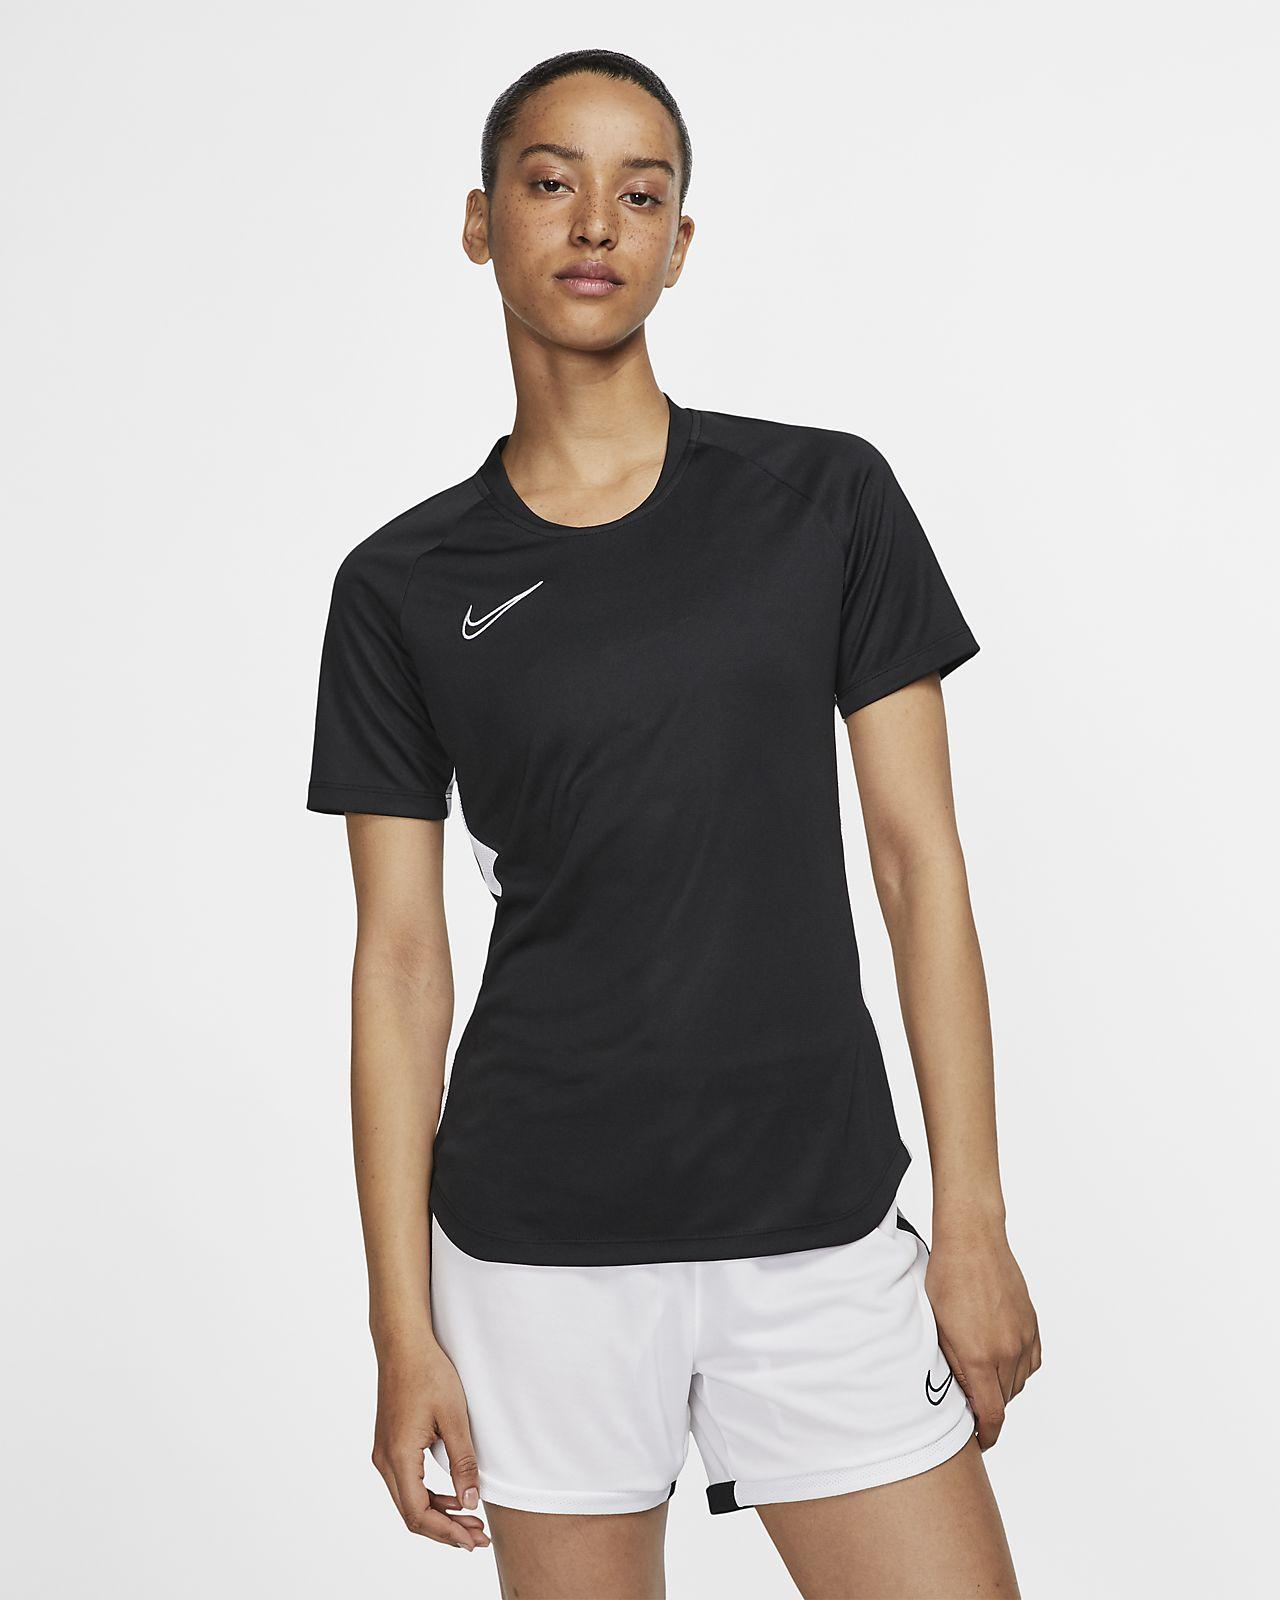 Damka koszulka piłkarska z krótkim rękawem Nike Dri-FIT Academy